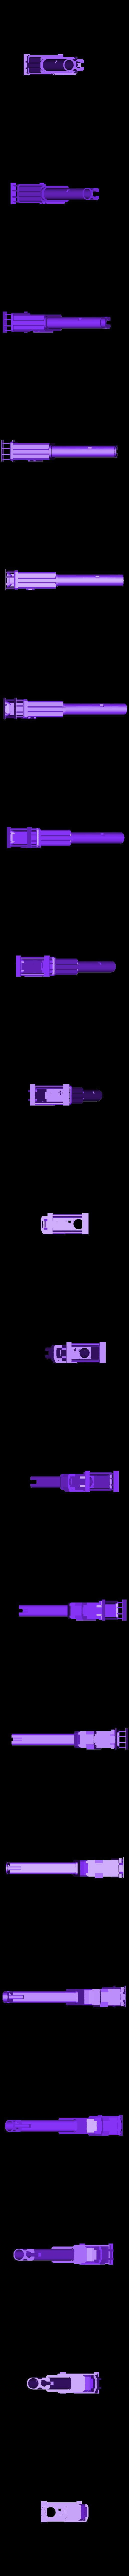 TIPX_HI_CAP_T15_v2.stl Download free STL file TIPX HI CAP T15 EDITION • 3D print model, UntangleART